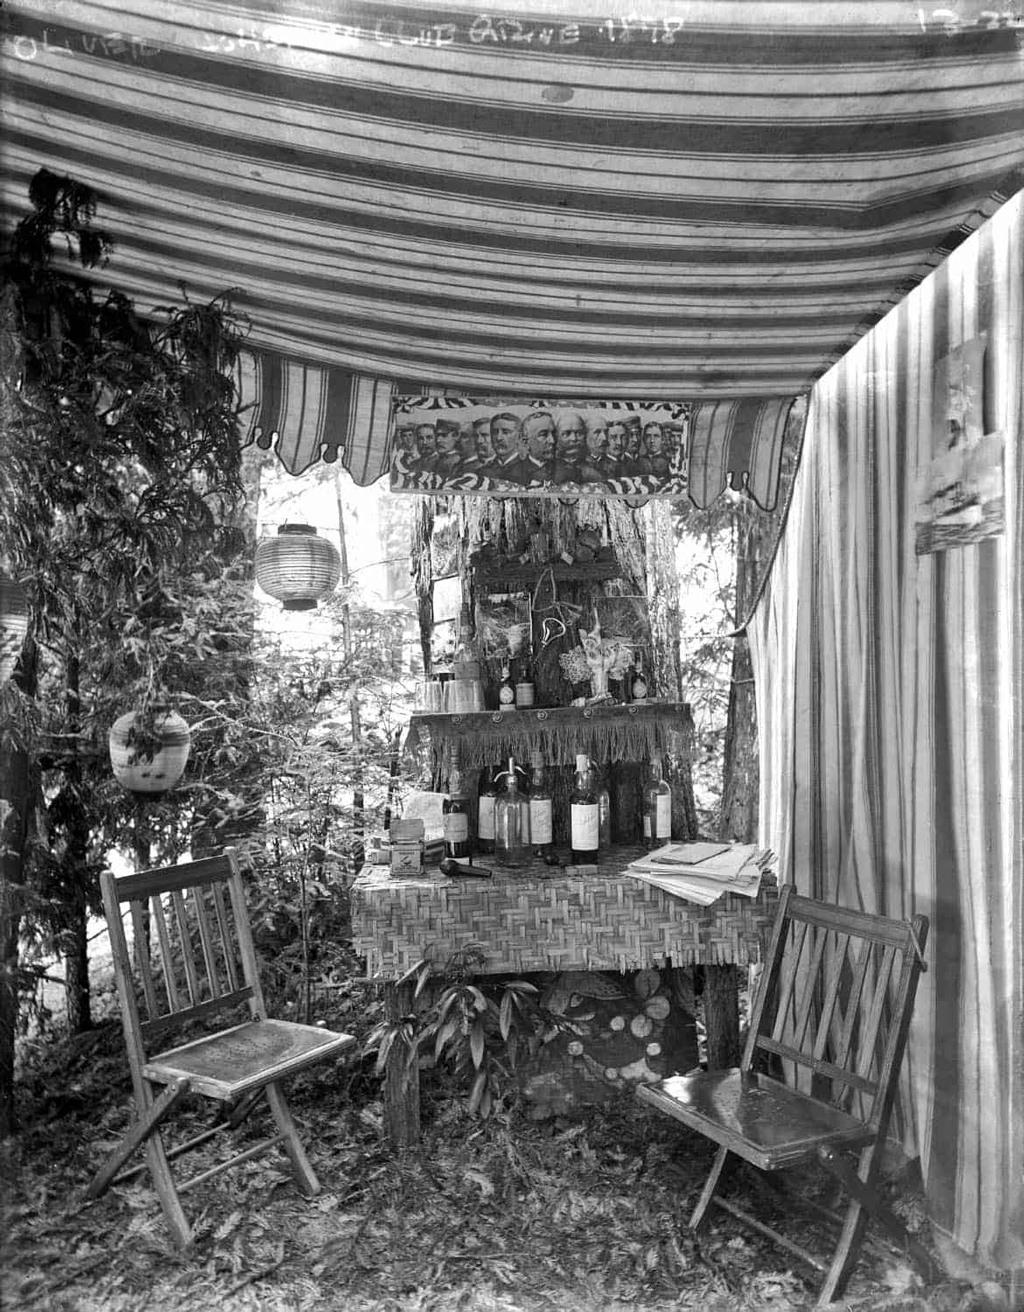 حانة في خيمة، البستان البوهيمي سنة 1878.